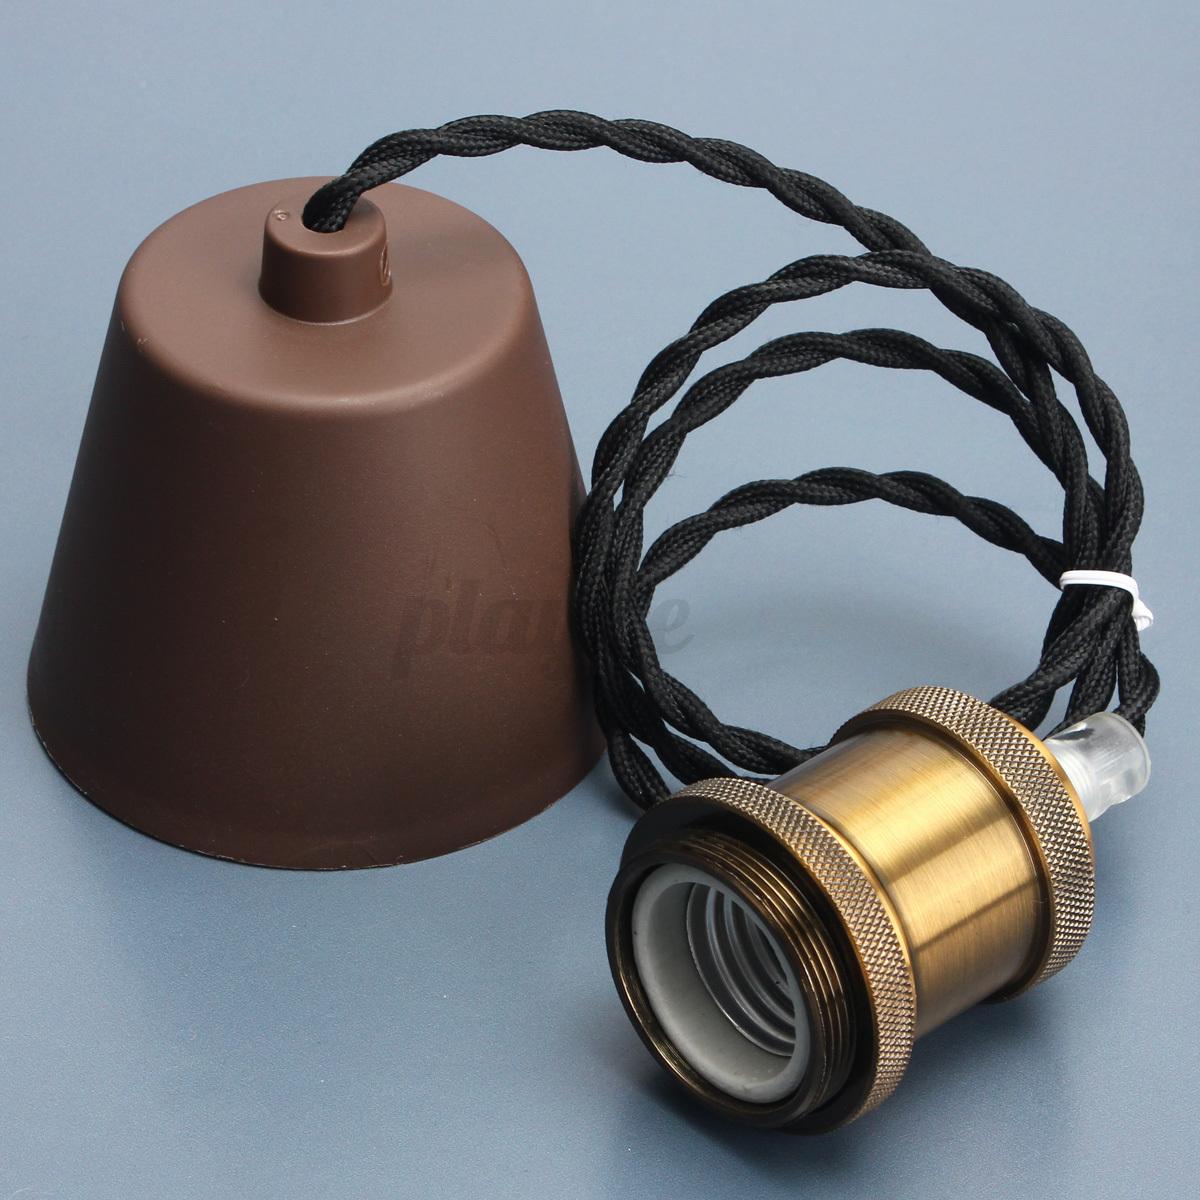 Ceiling Lamp Holder Kit To Pin On Pinterest E27 Brass Copper Holderwireceiling Base Pendant Light Without Fittings Ebay E27e26